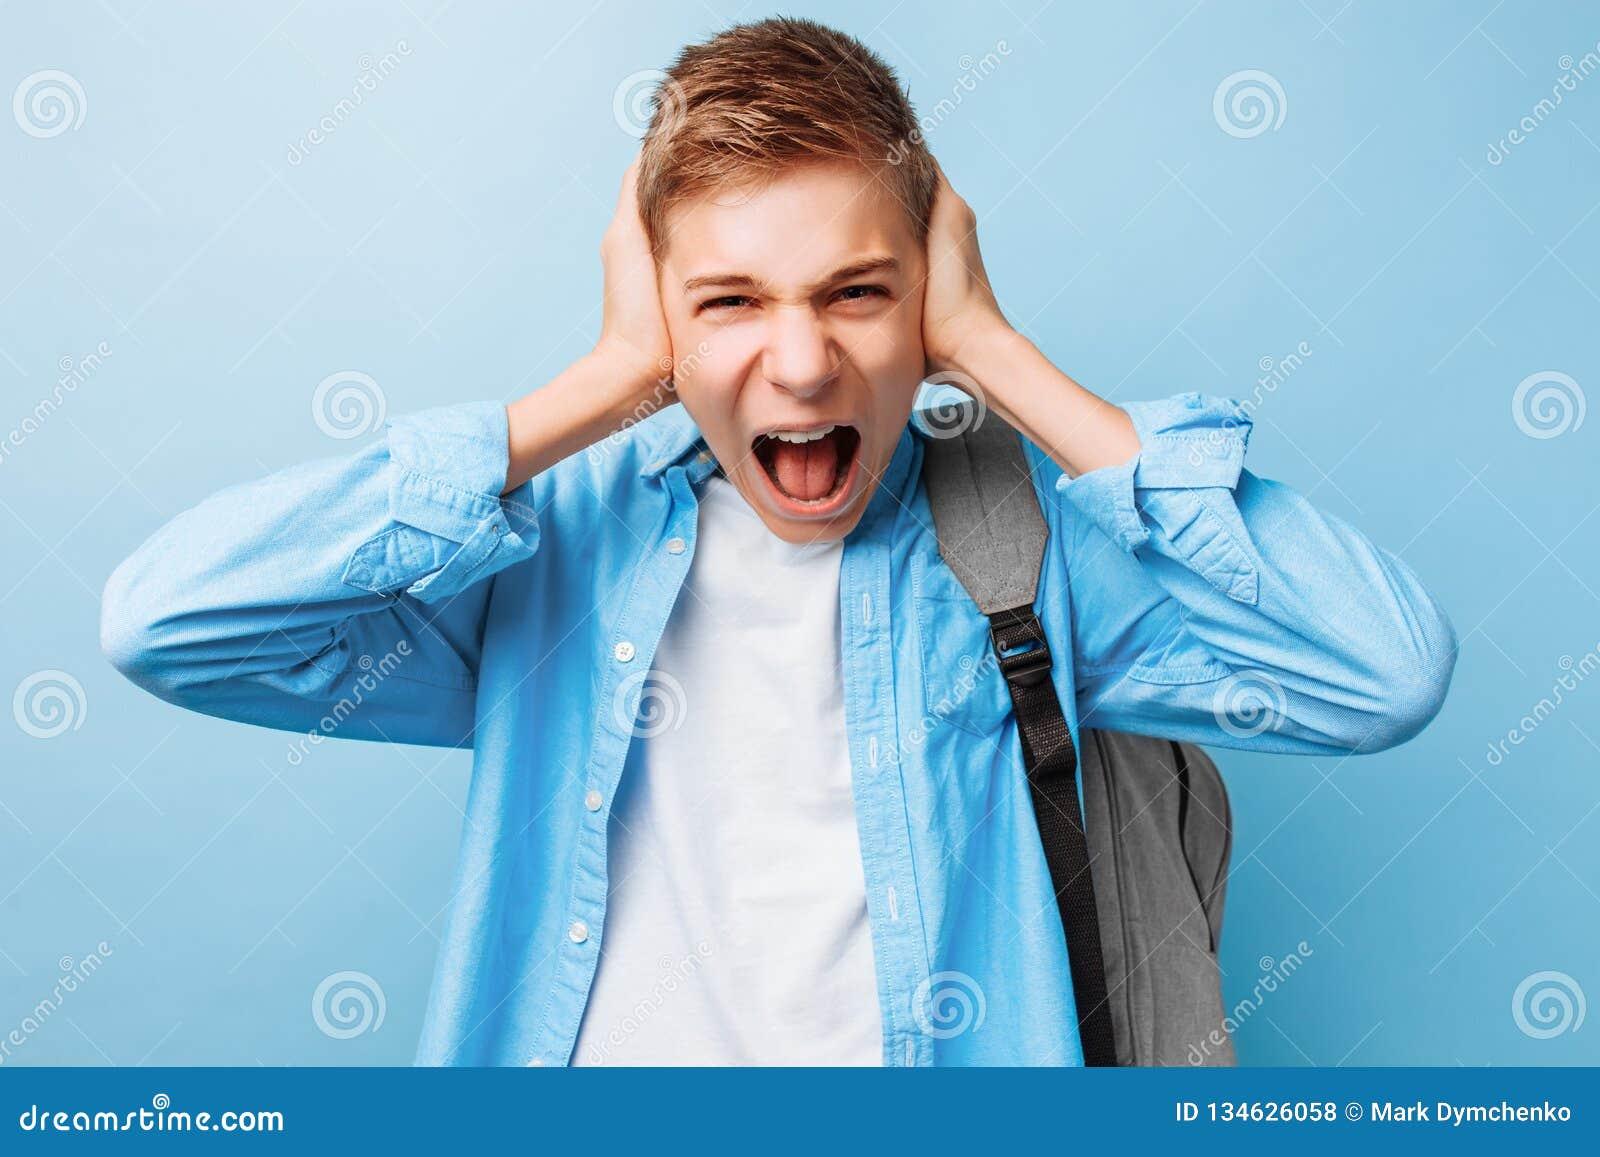 Профессиональный мужчина падает и кричит изображение_Фото номер ... | 1155x1600